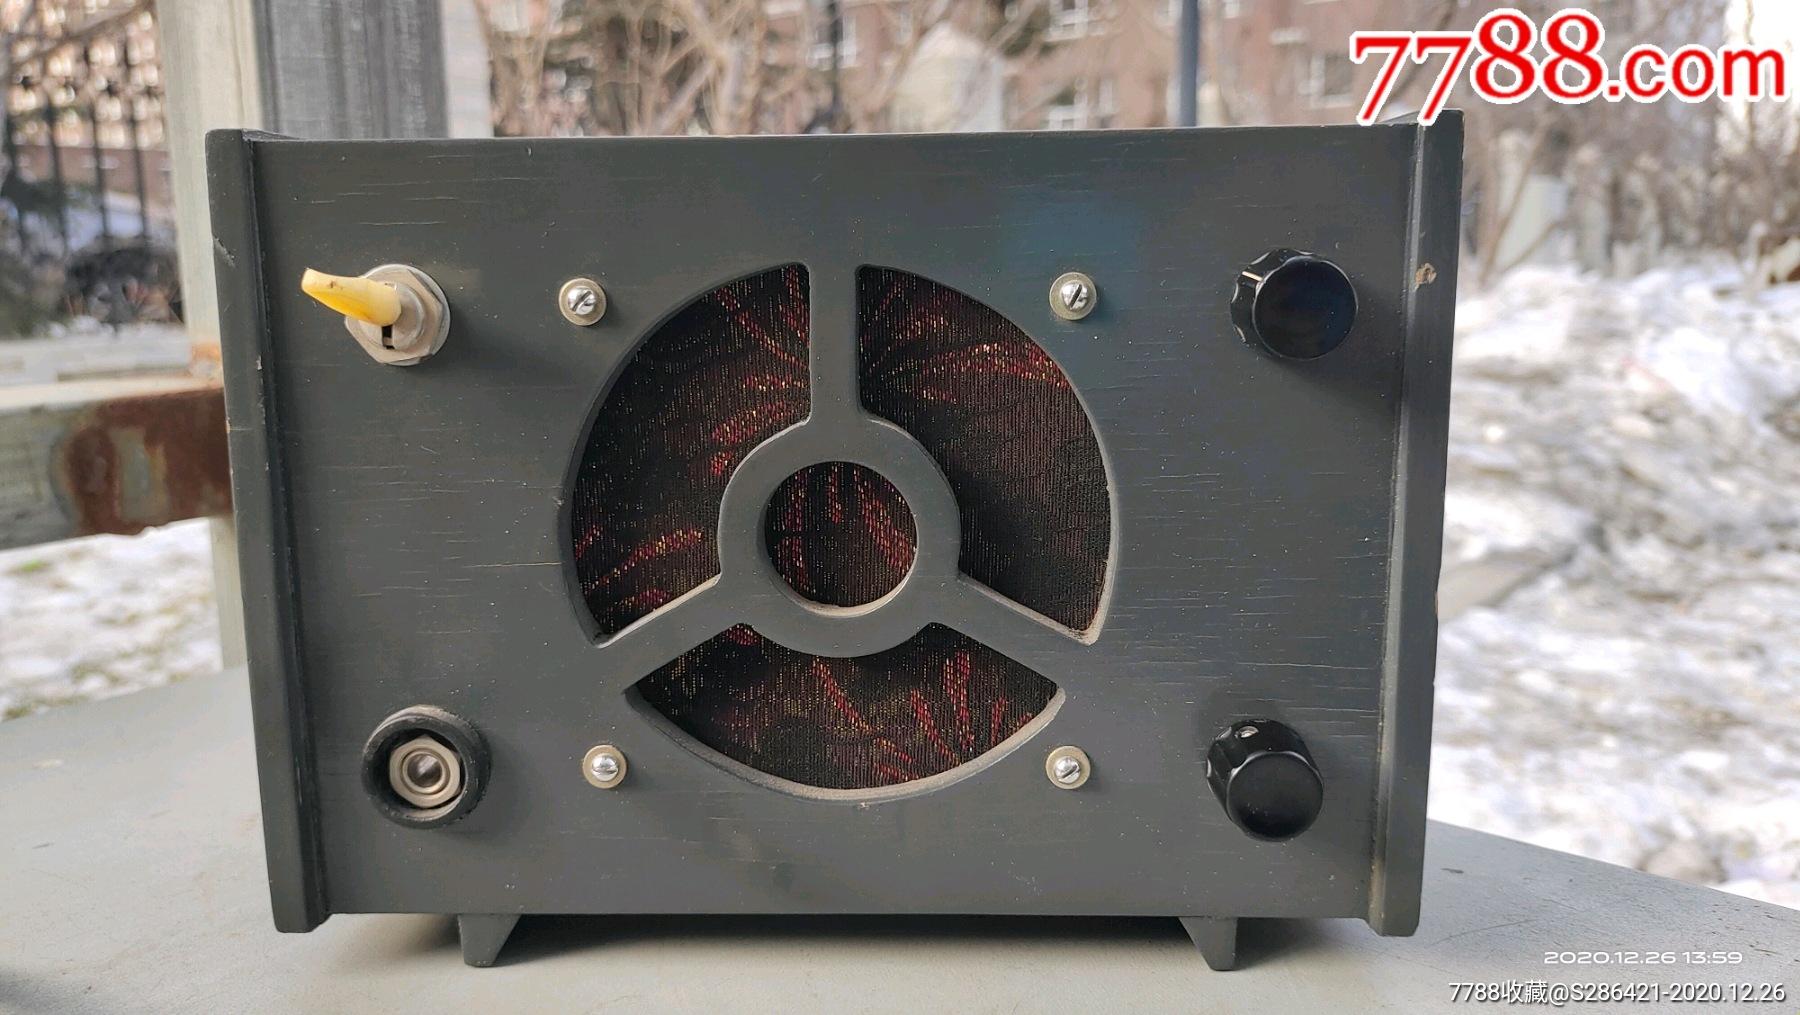 孤品收音机,带电键练习功能,估计全国找不到第二台(au25168952)_7788旧货商城__七七八八商品交易平台(7788.com)